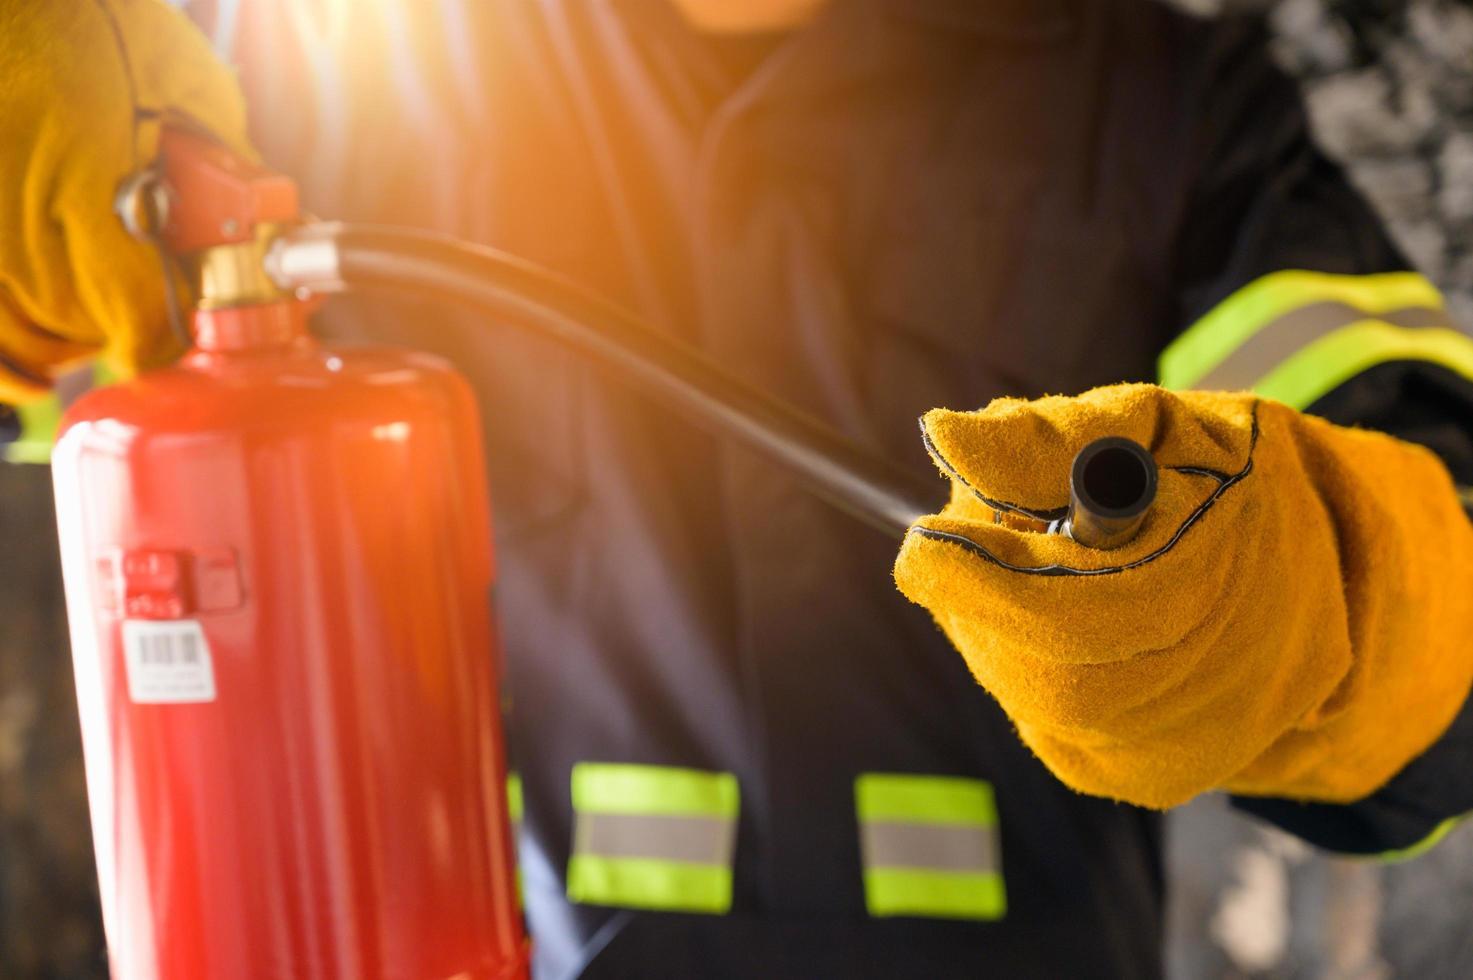 Feuerwehrmann mit Feuerlöscher foto